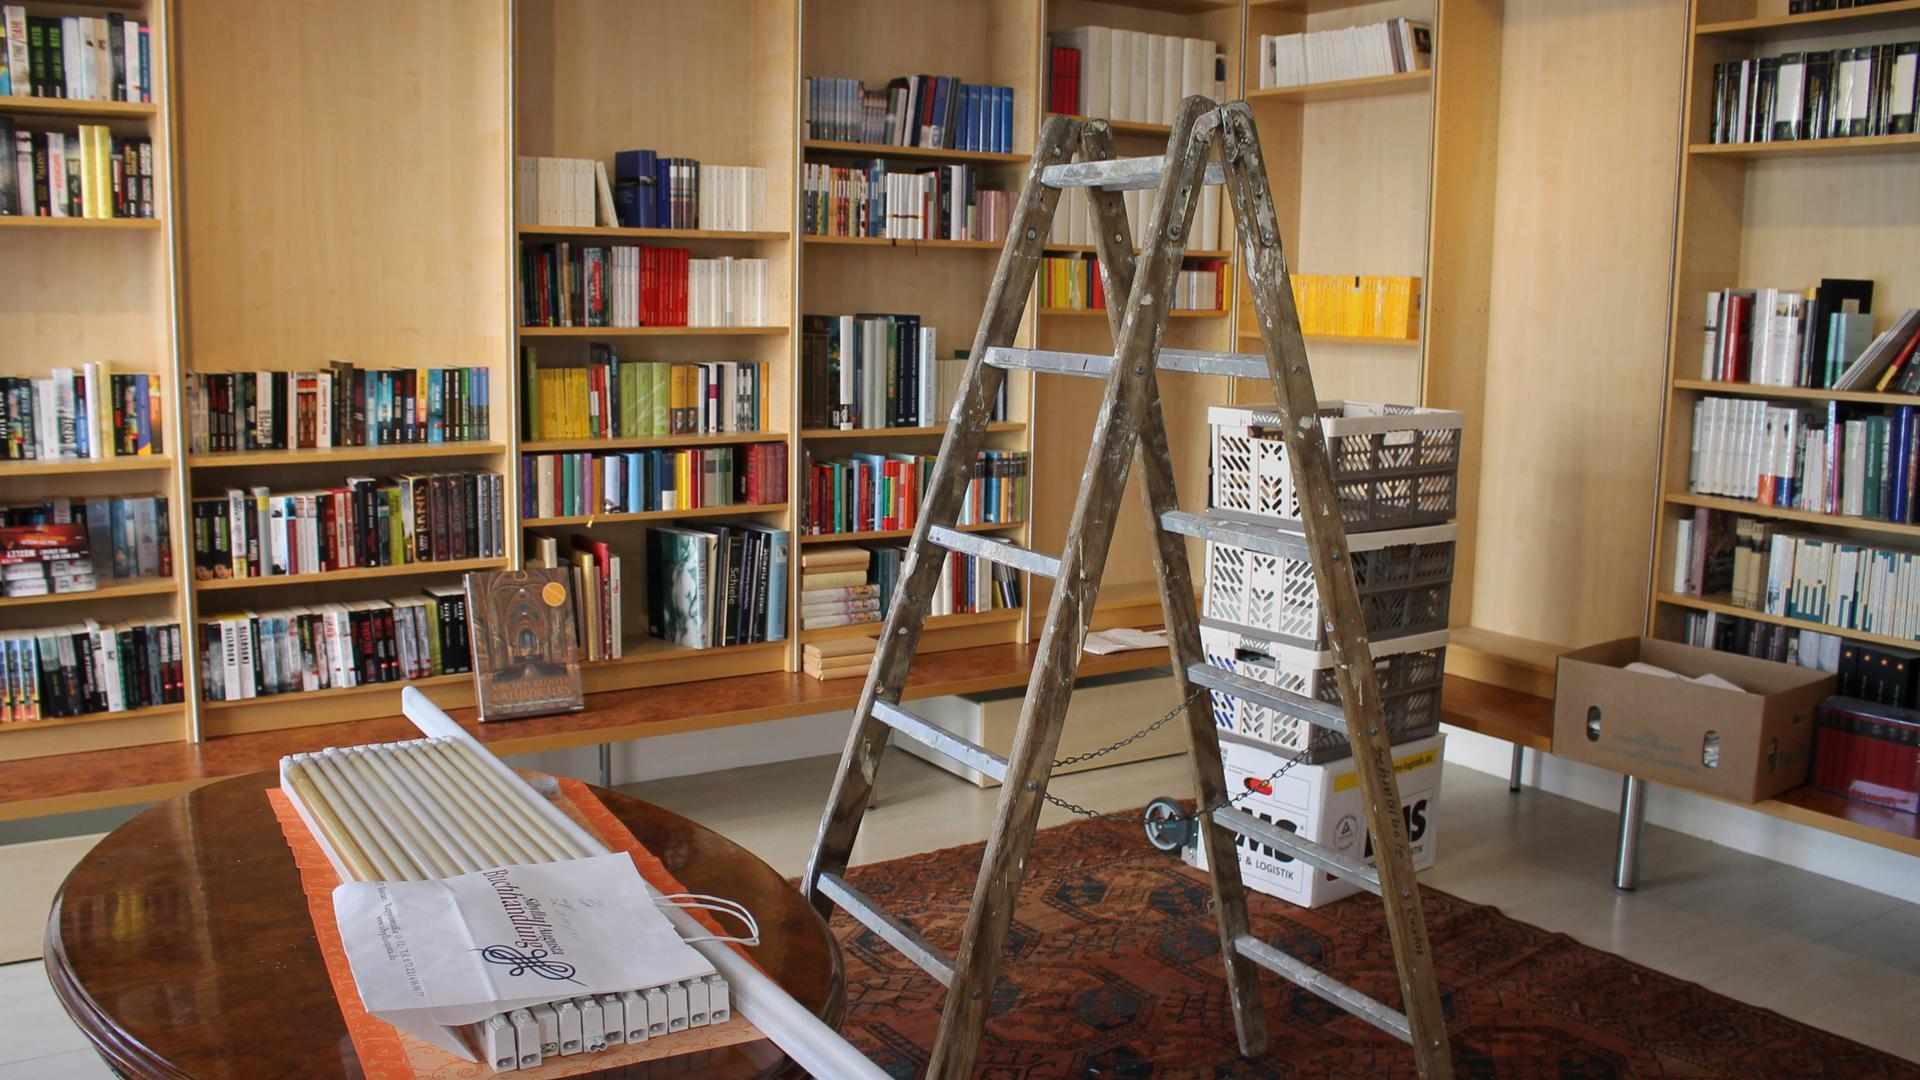 Bücher müssen weichen: Langsam werden die Regale in der Sibylla-Augusta-Buchhandlung leergeräumt. In wenigen Tagen werden die Türen endgültig abgeschlossen.